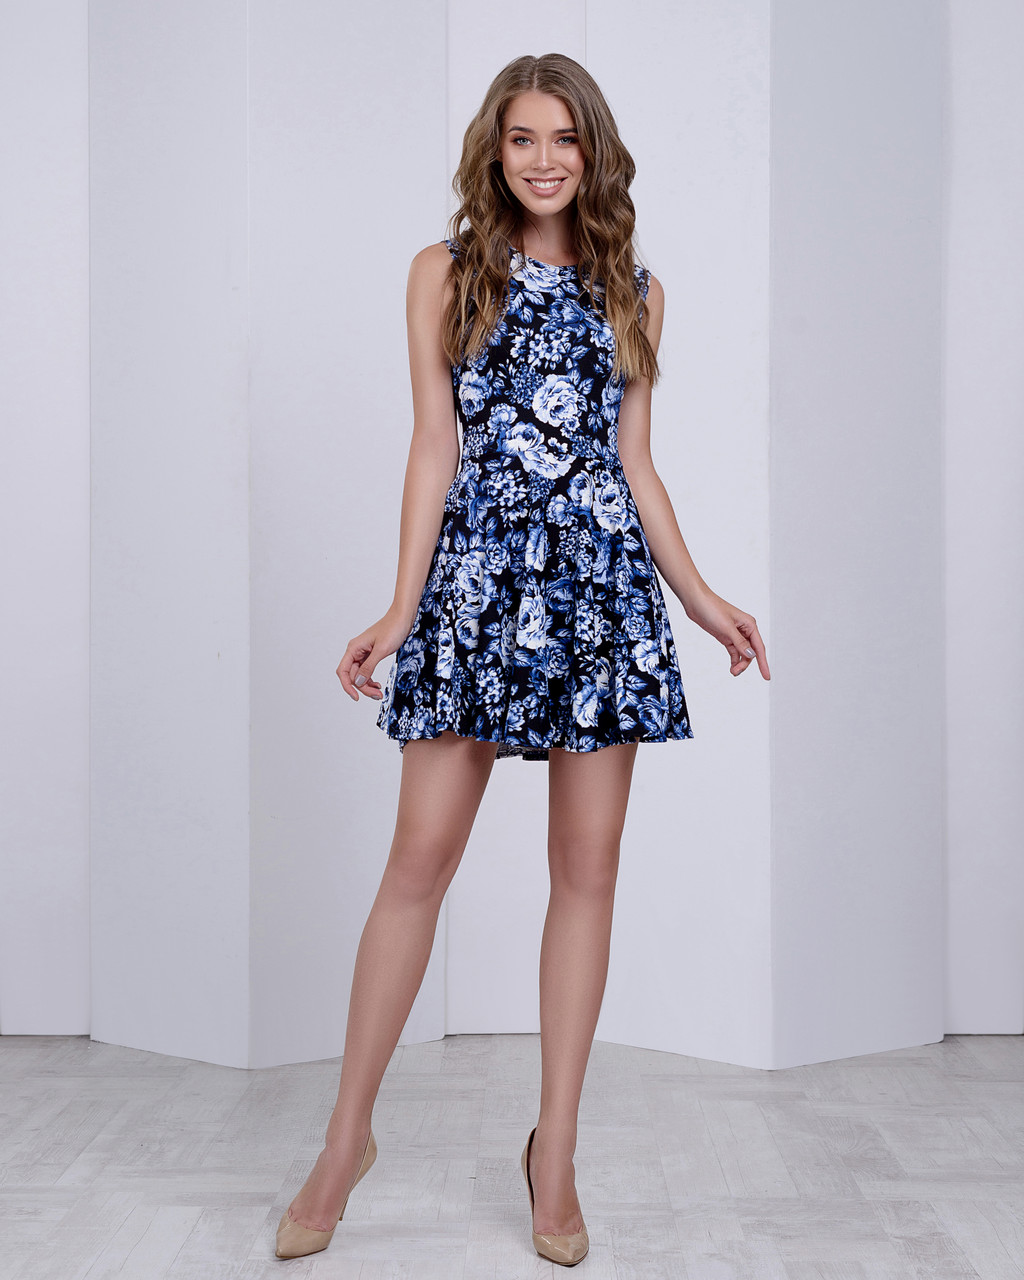 Женское платье (юбка-солнце)  стильный принт: синие розы на черном